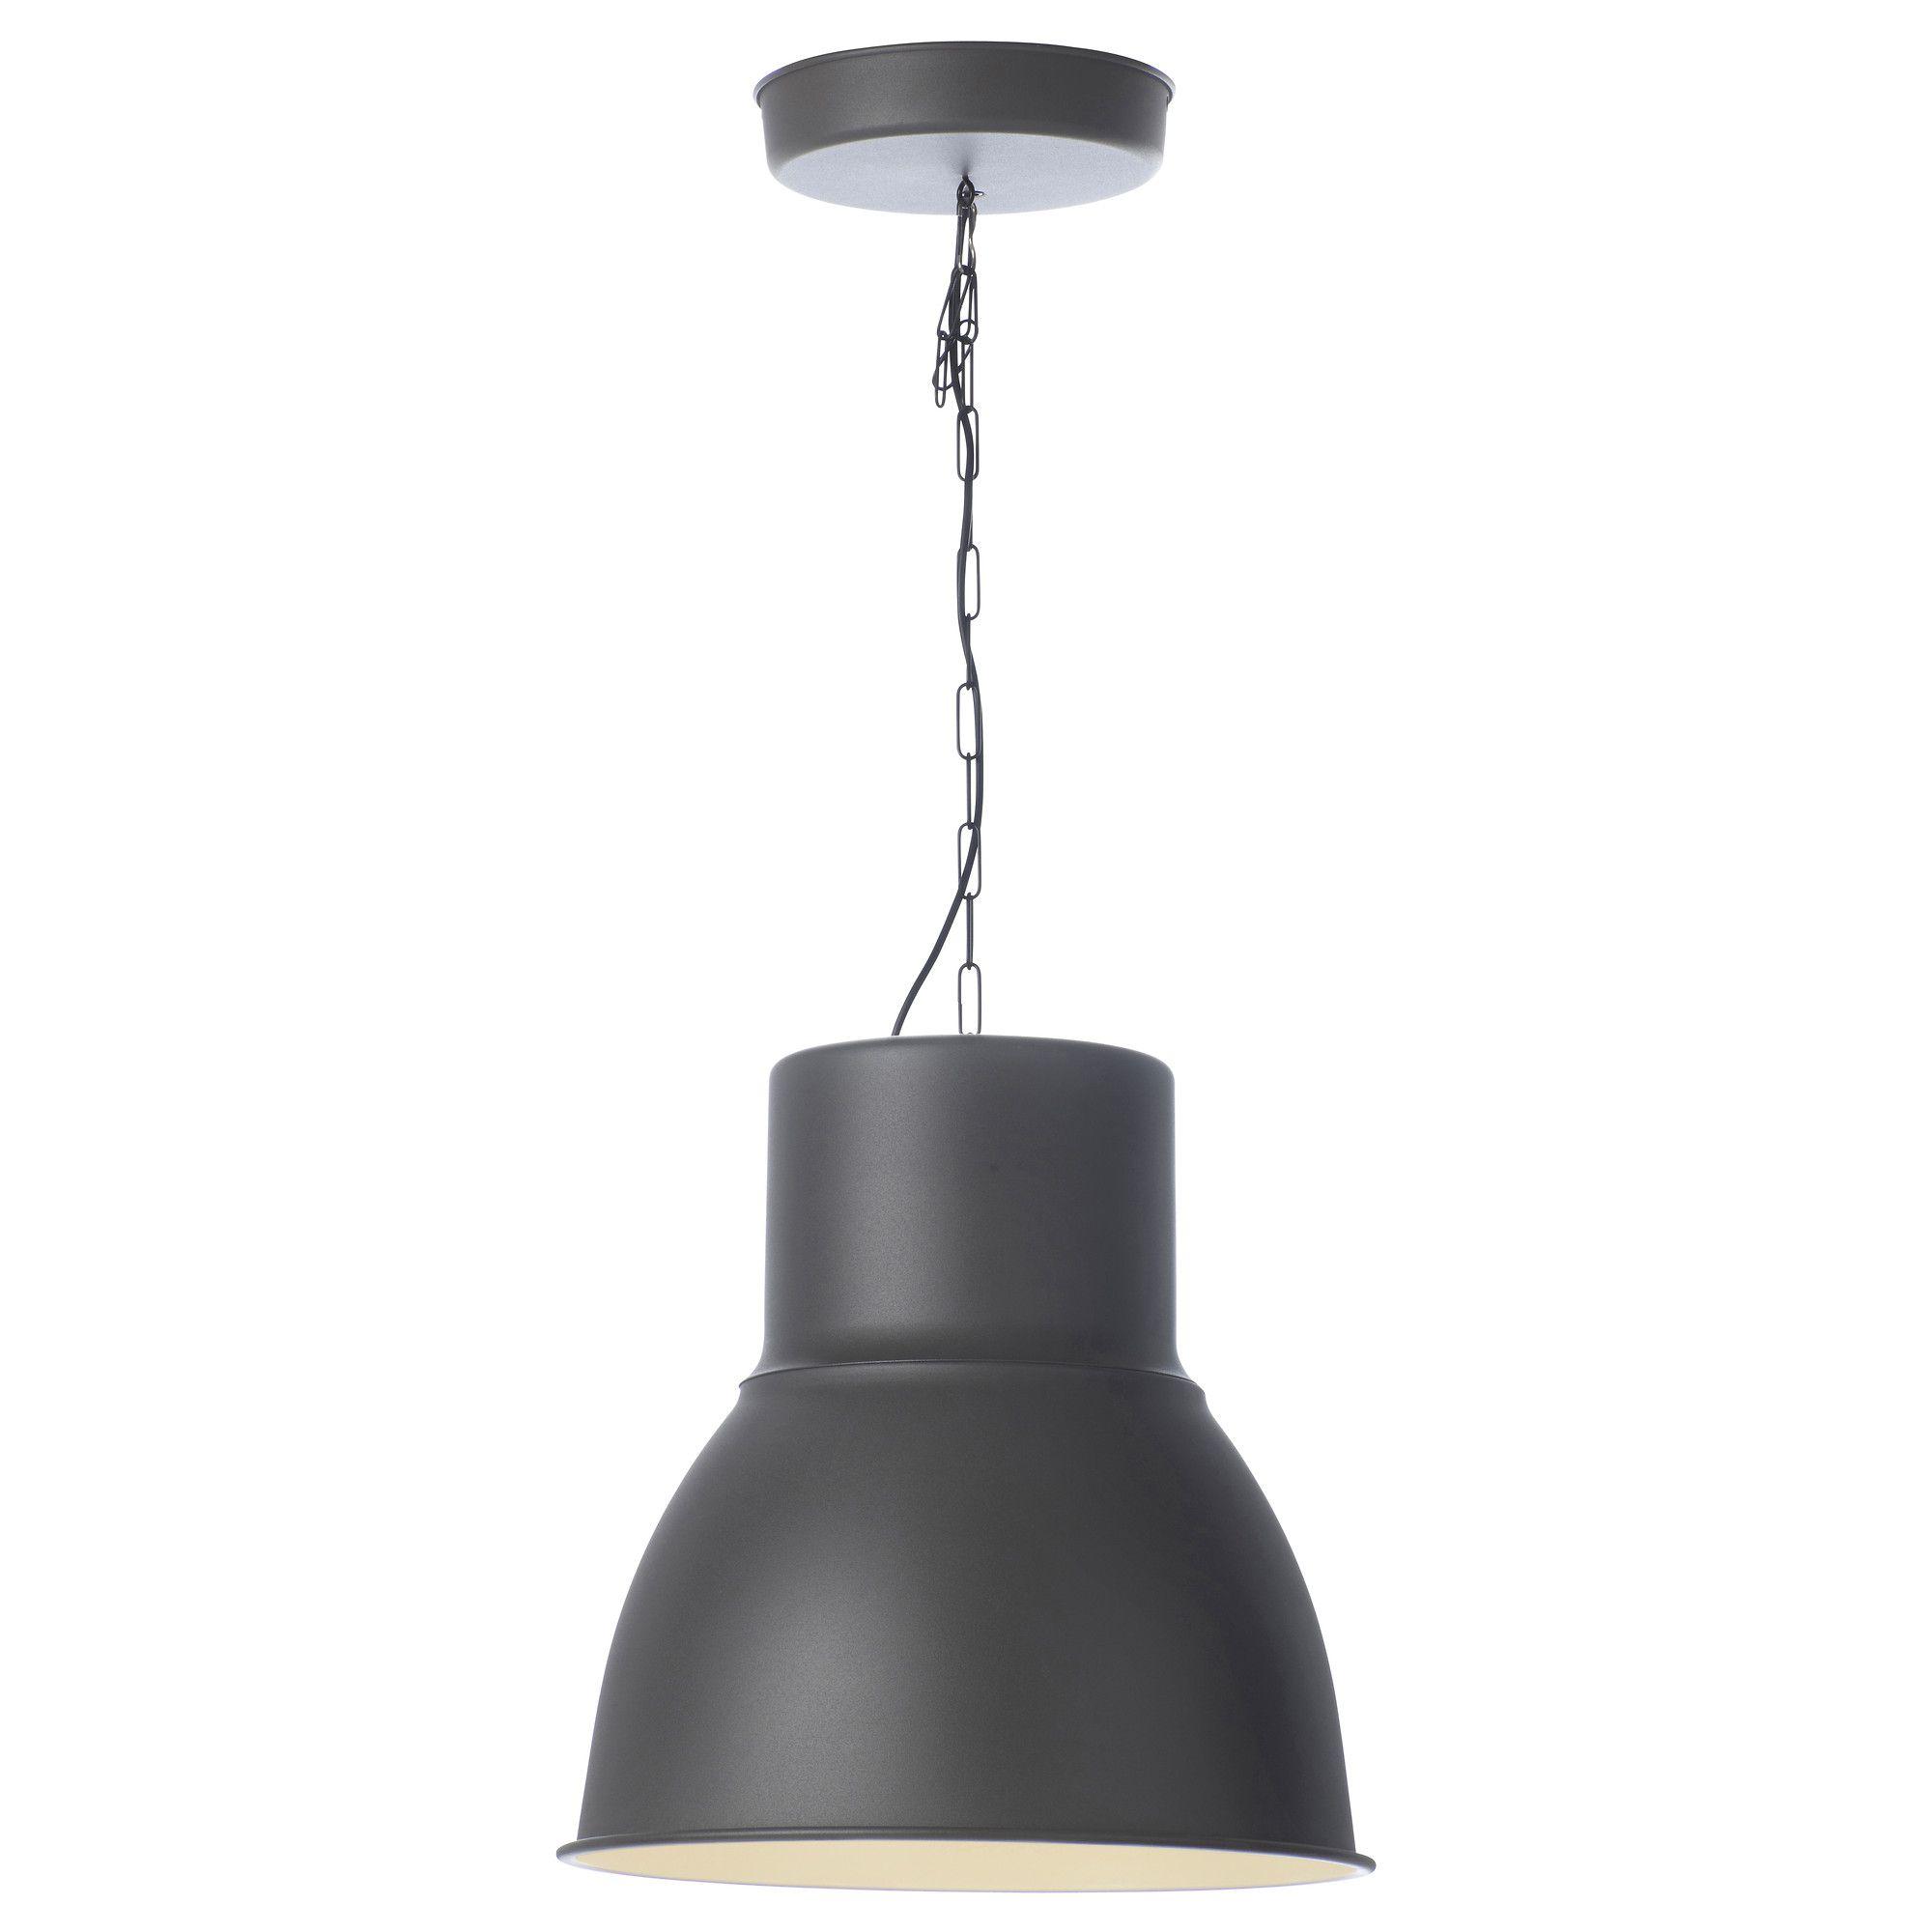 Hektar Pendant Lamp Dark Gray 19 Ikea Pendant Light Ikea